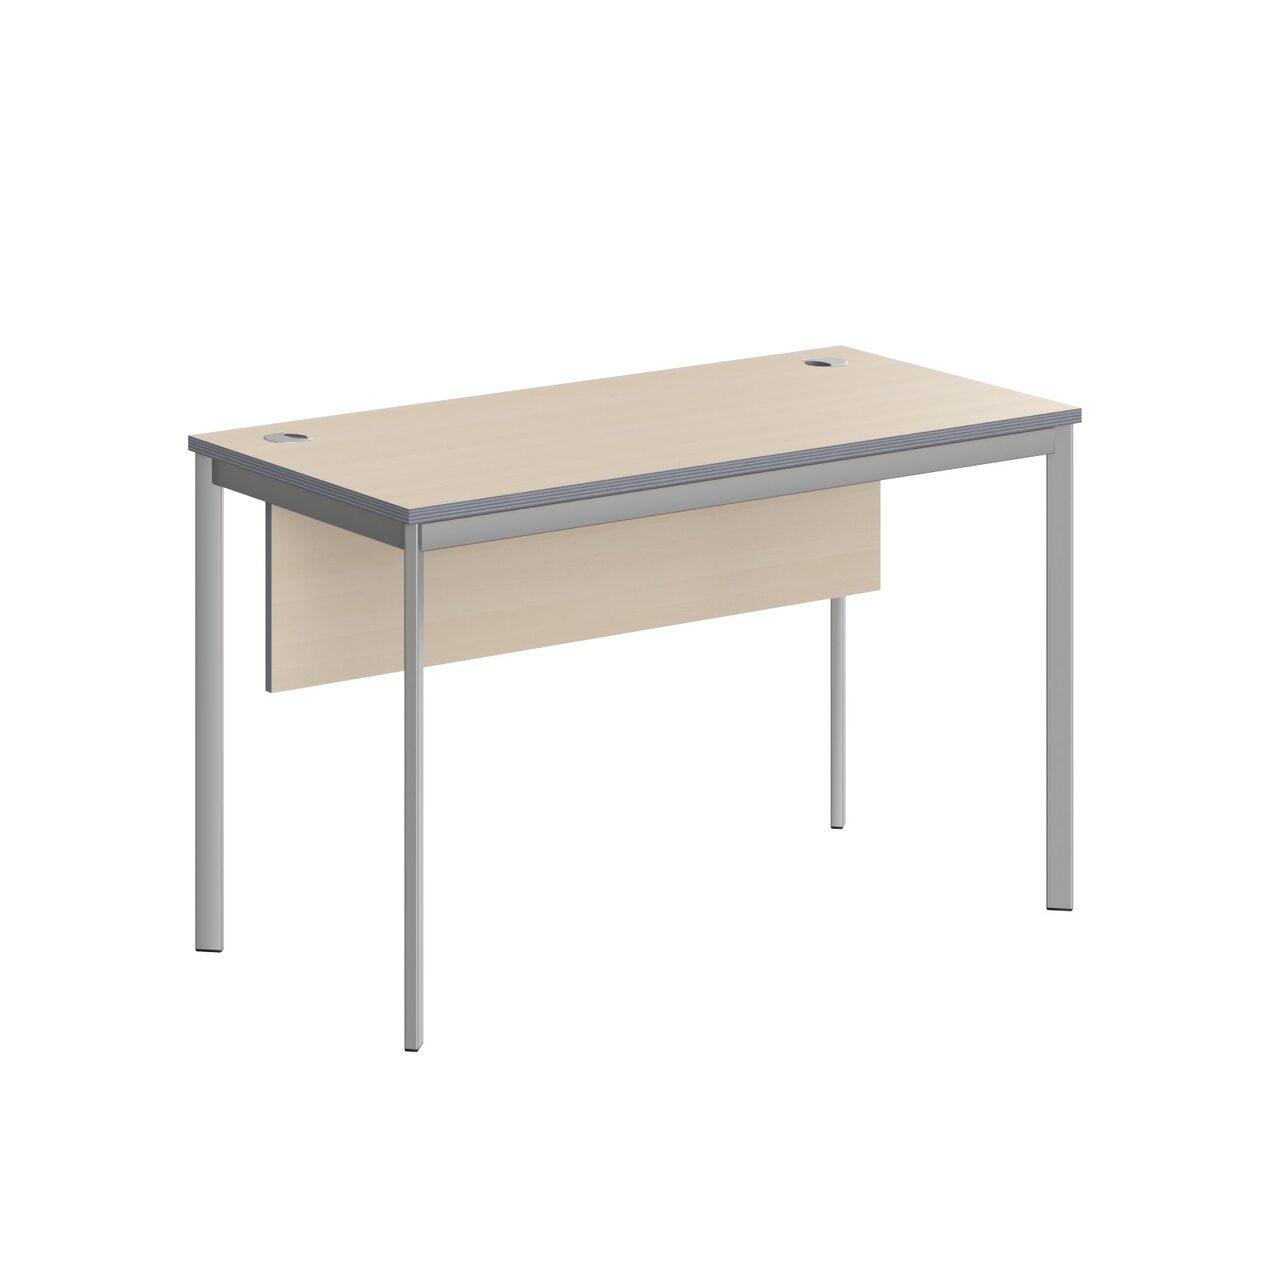 Стол прямой с фрональной панелью  IMAGO-S 120x60x76 - фото 5